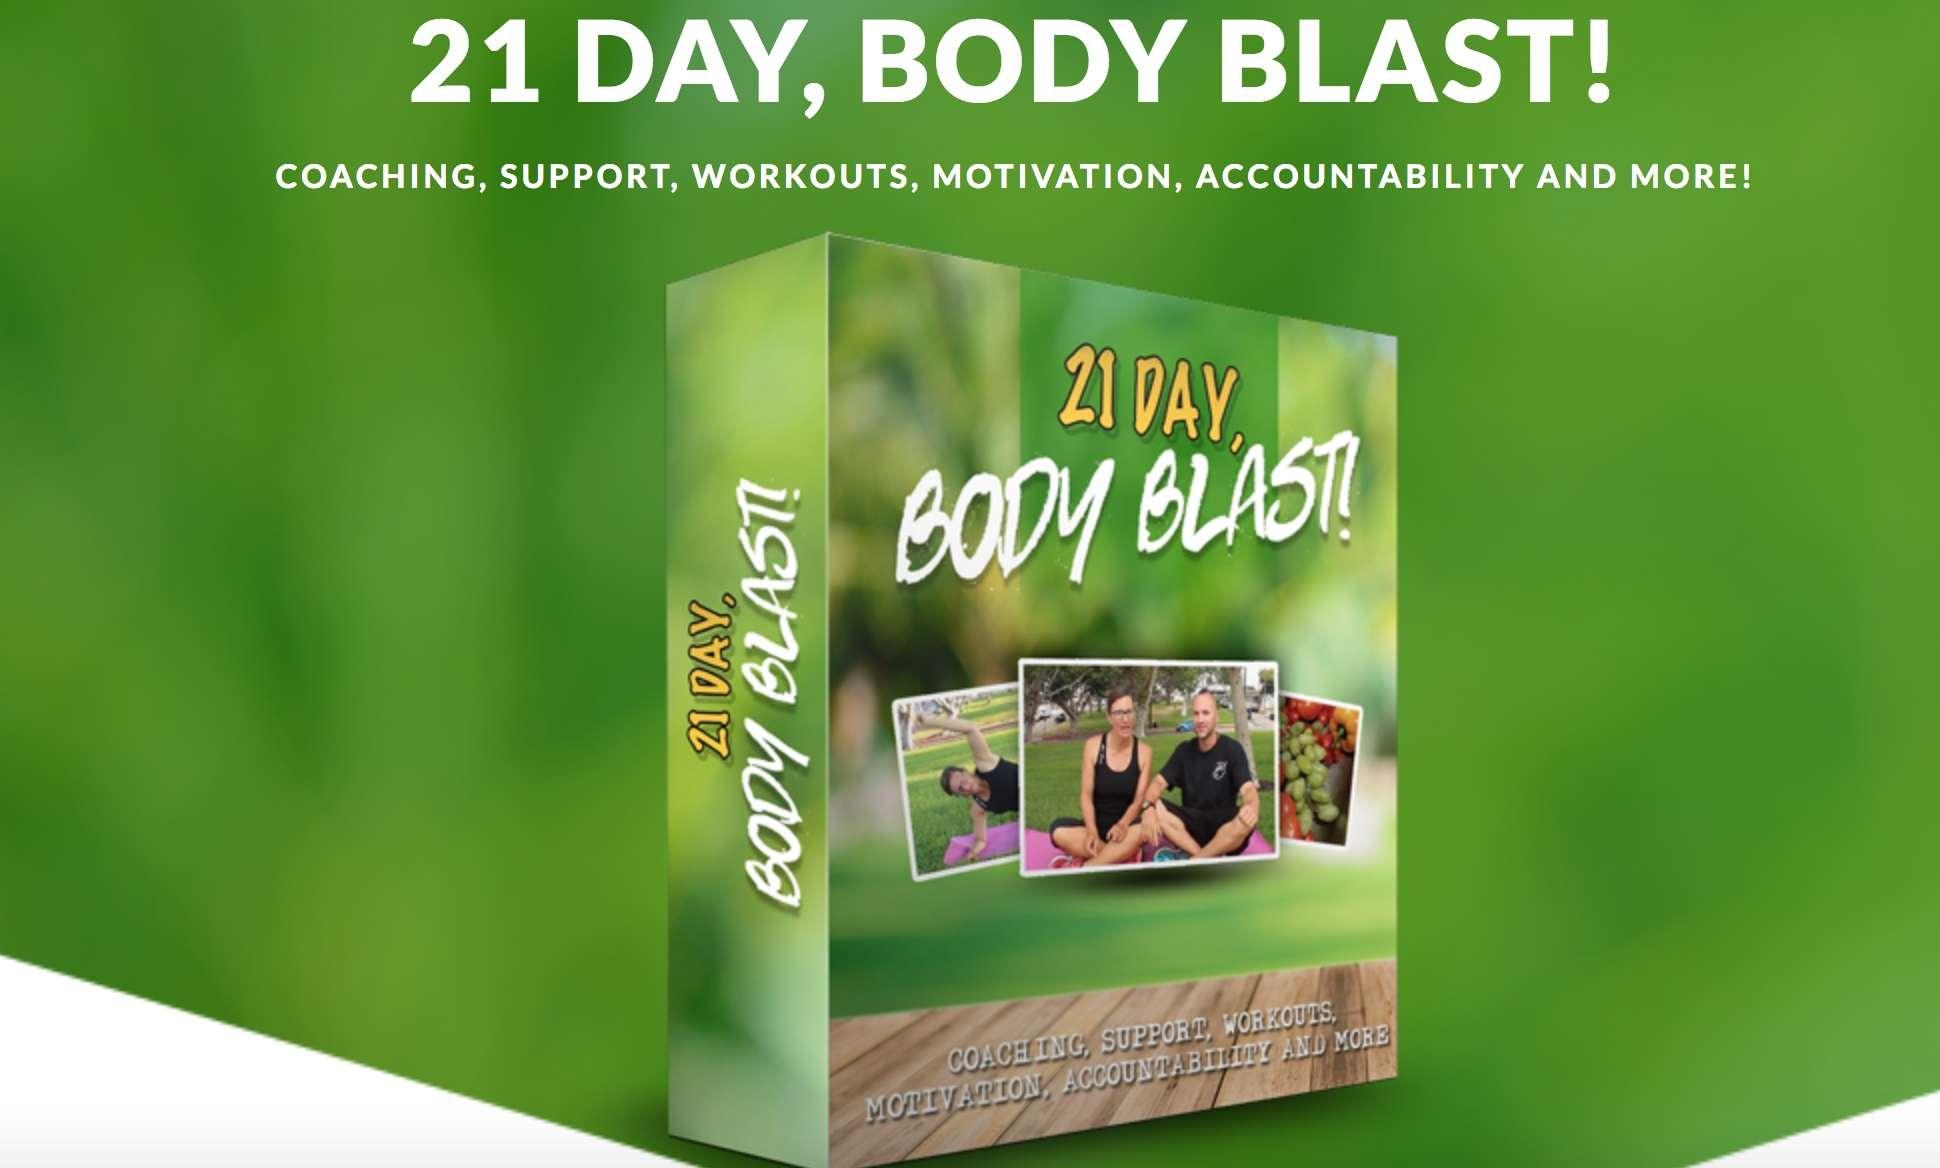 21 Day Body Blast Challenge